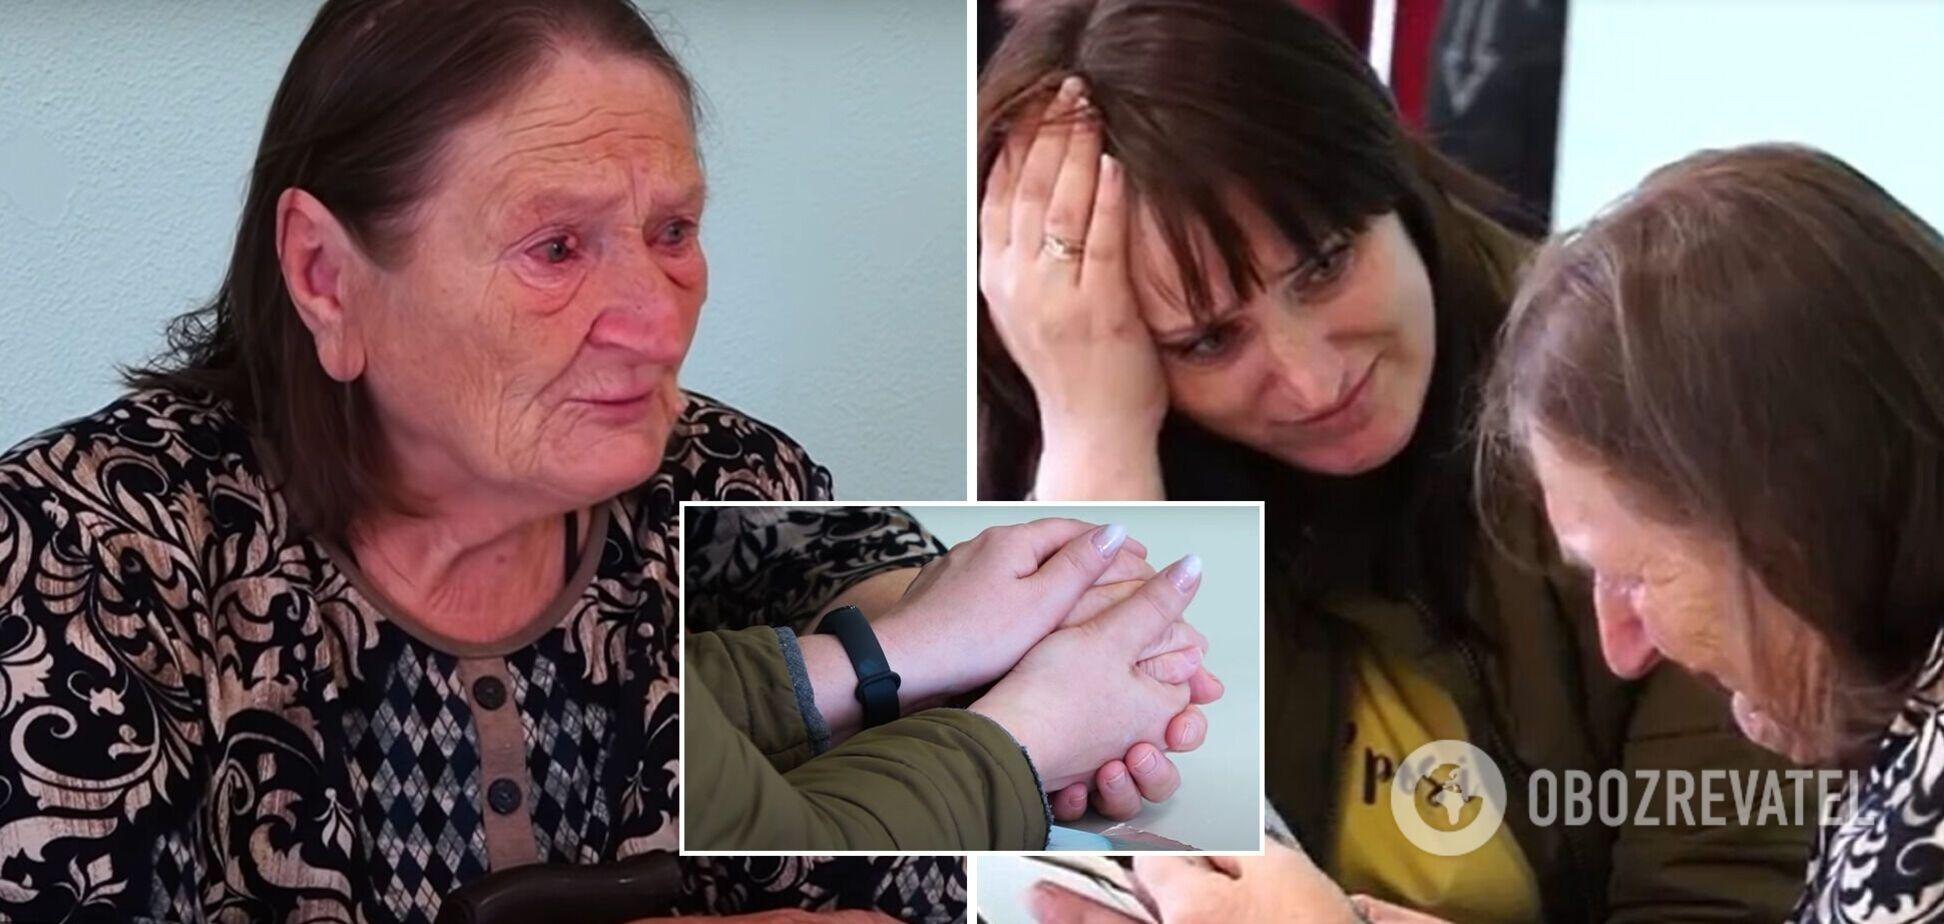 Дочка знайшла маму через 21 рік: жінка втратила пам'ять і жила на вулиці. Зворушливе відео